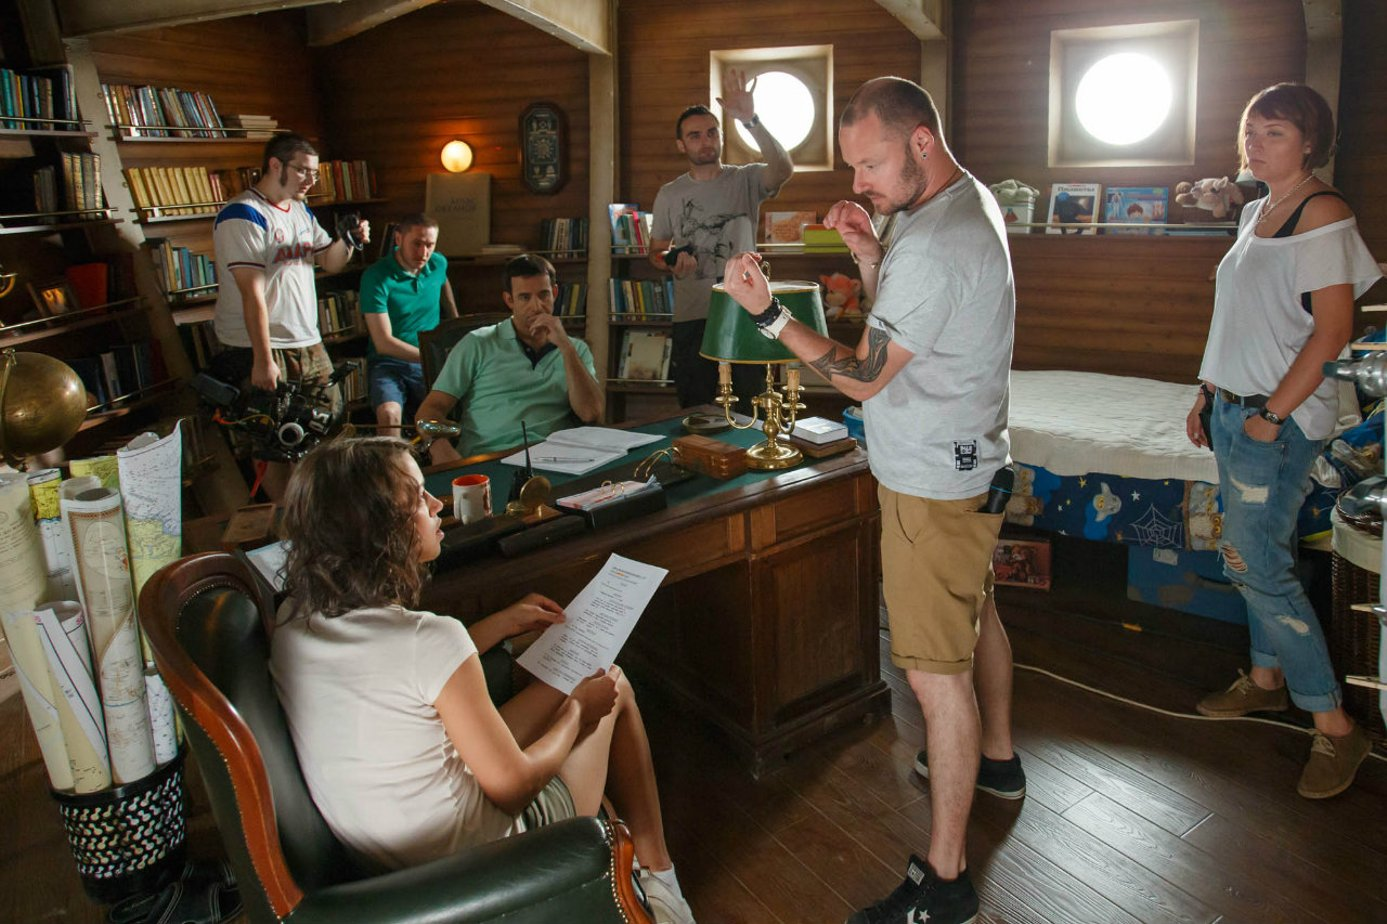 Список эротических фильмов на корабле фото 547-80